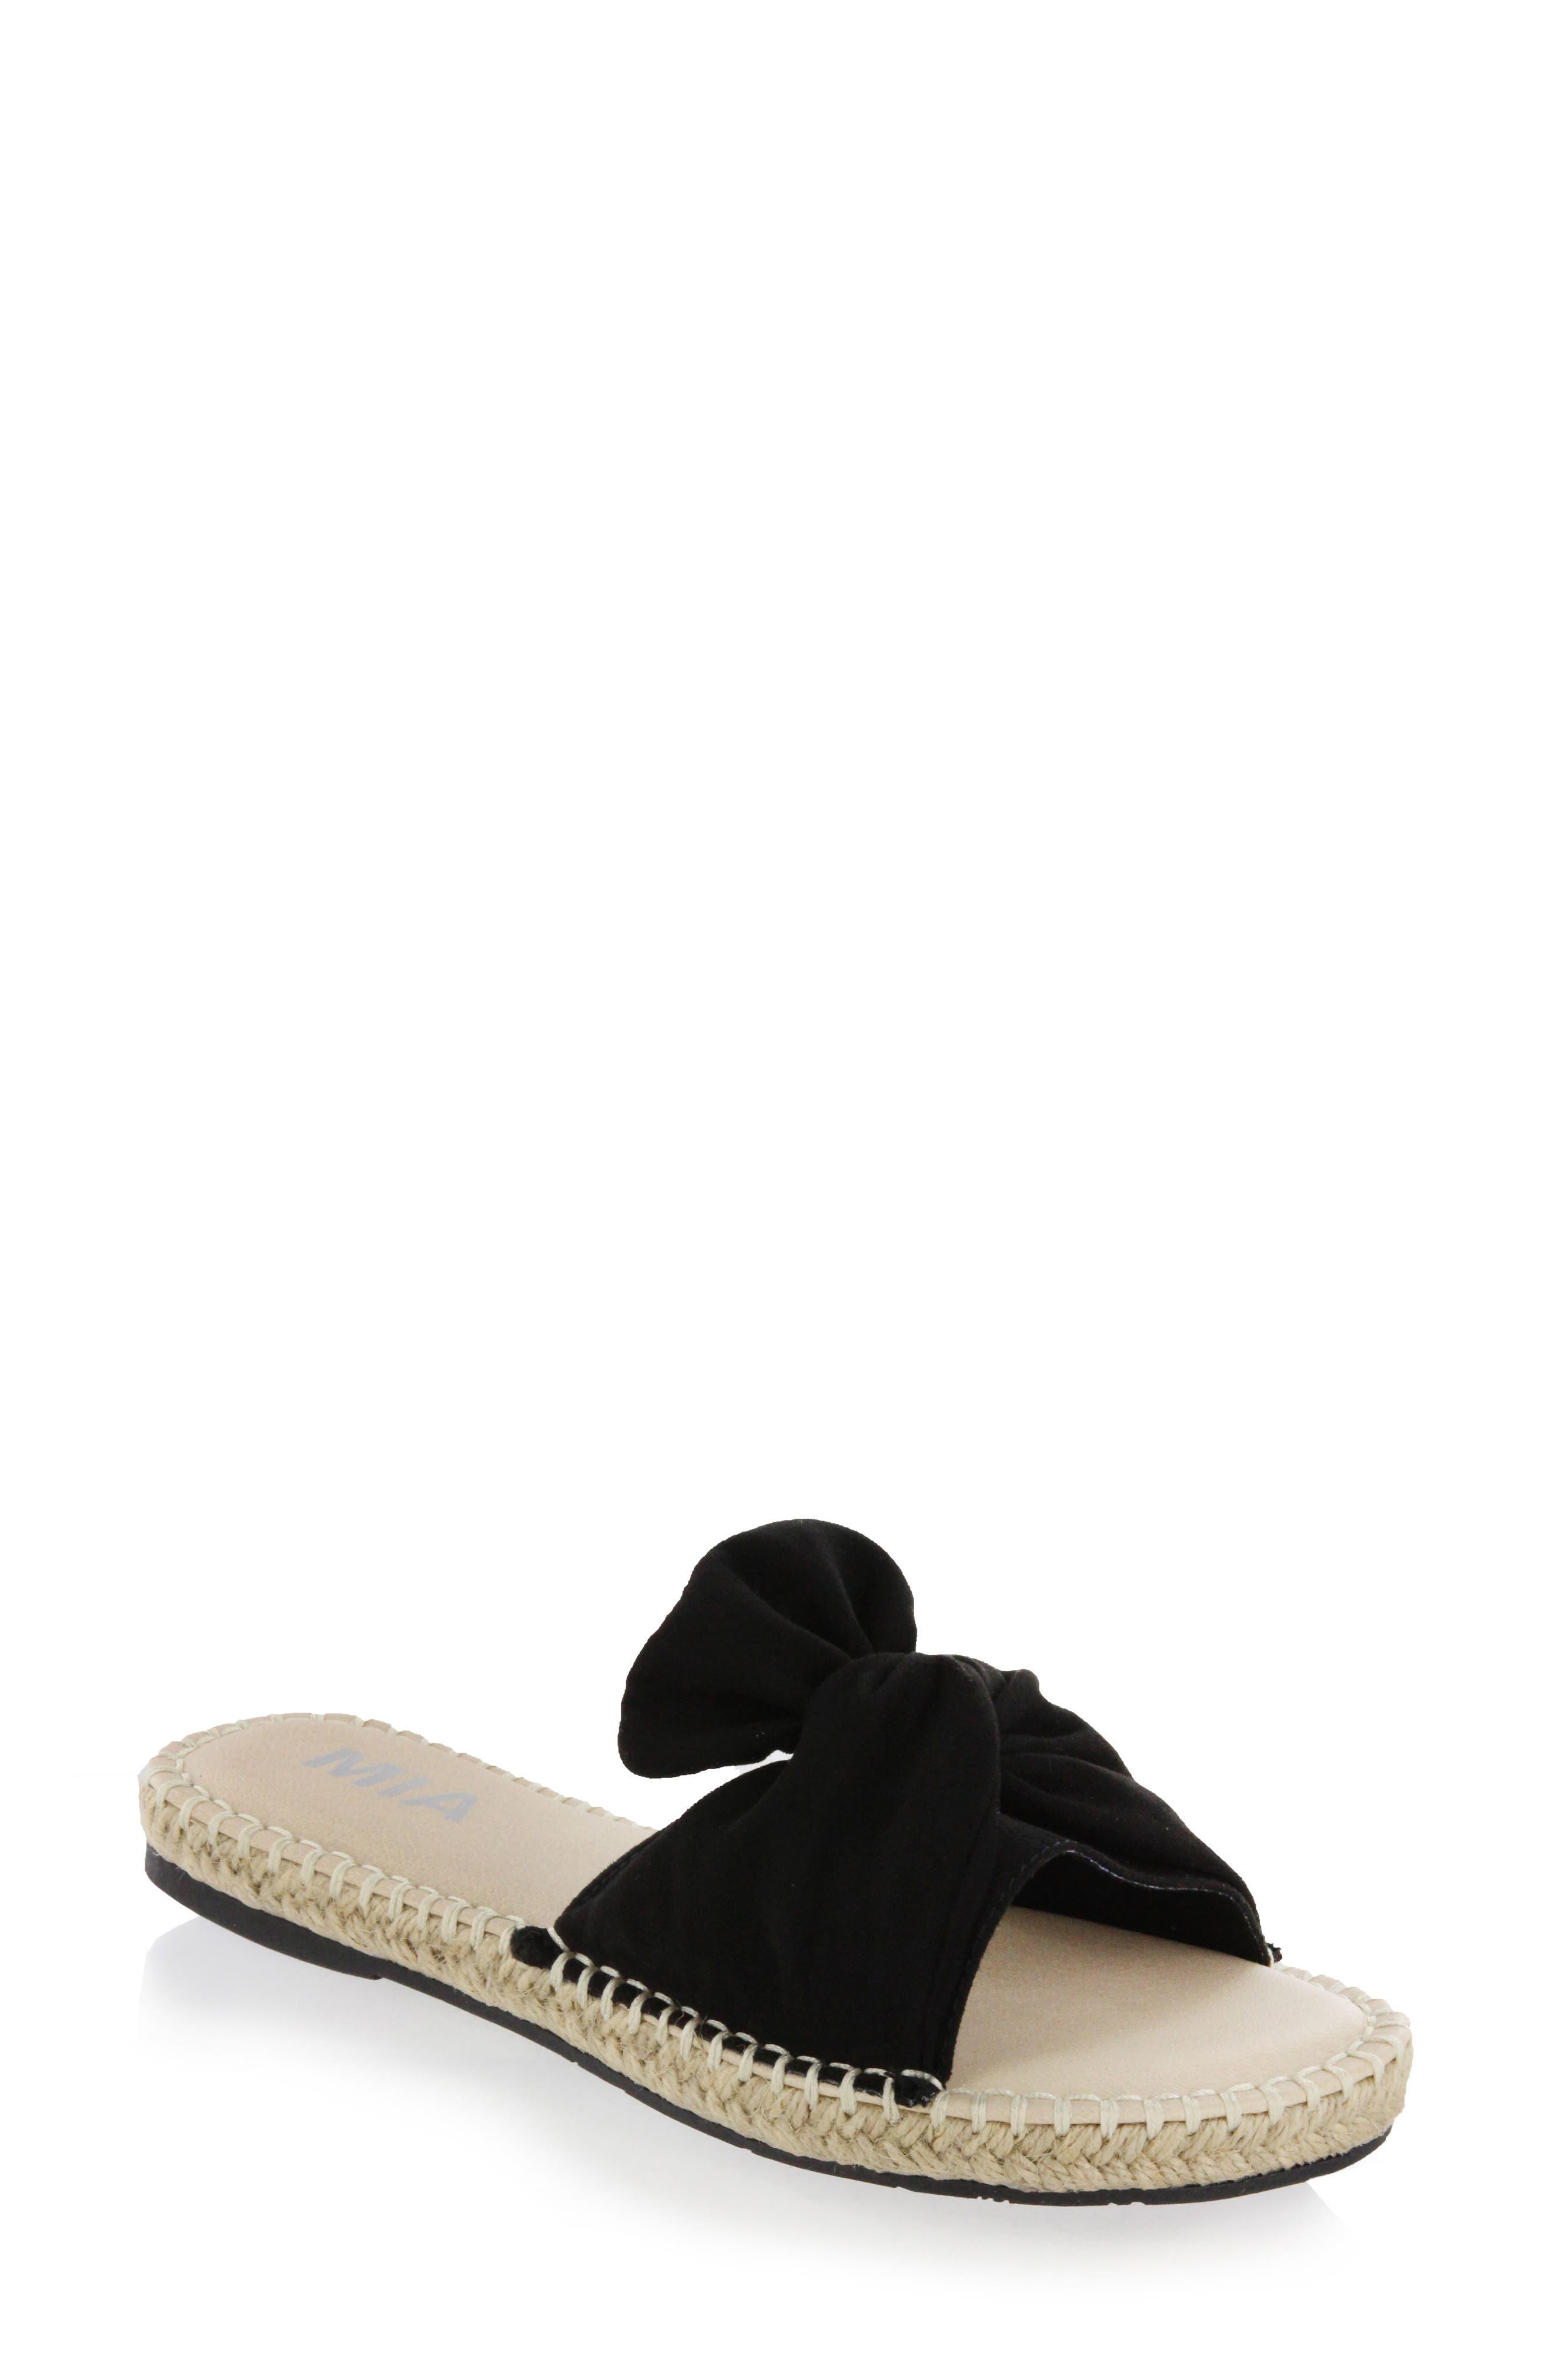 Kensi Knotted Slide Sandal,                             Main thumbnail 1, color,                             Black Nova Suede